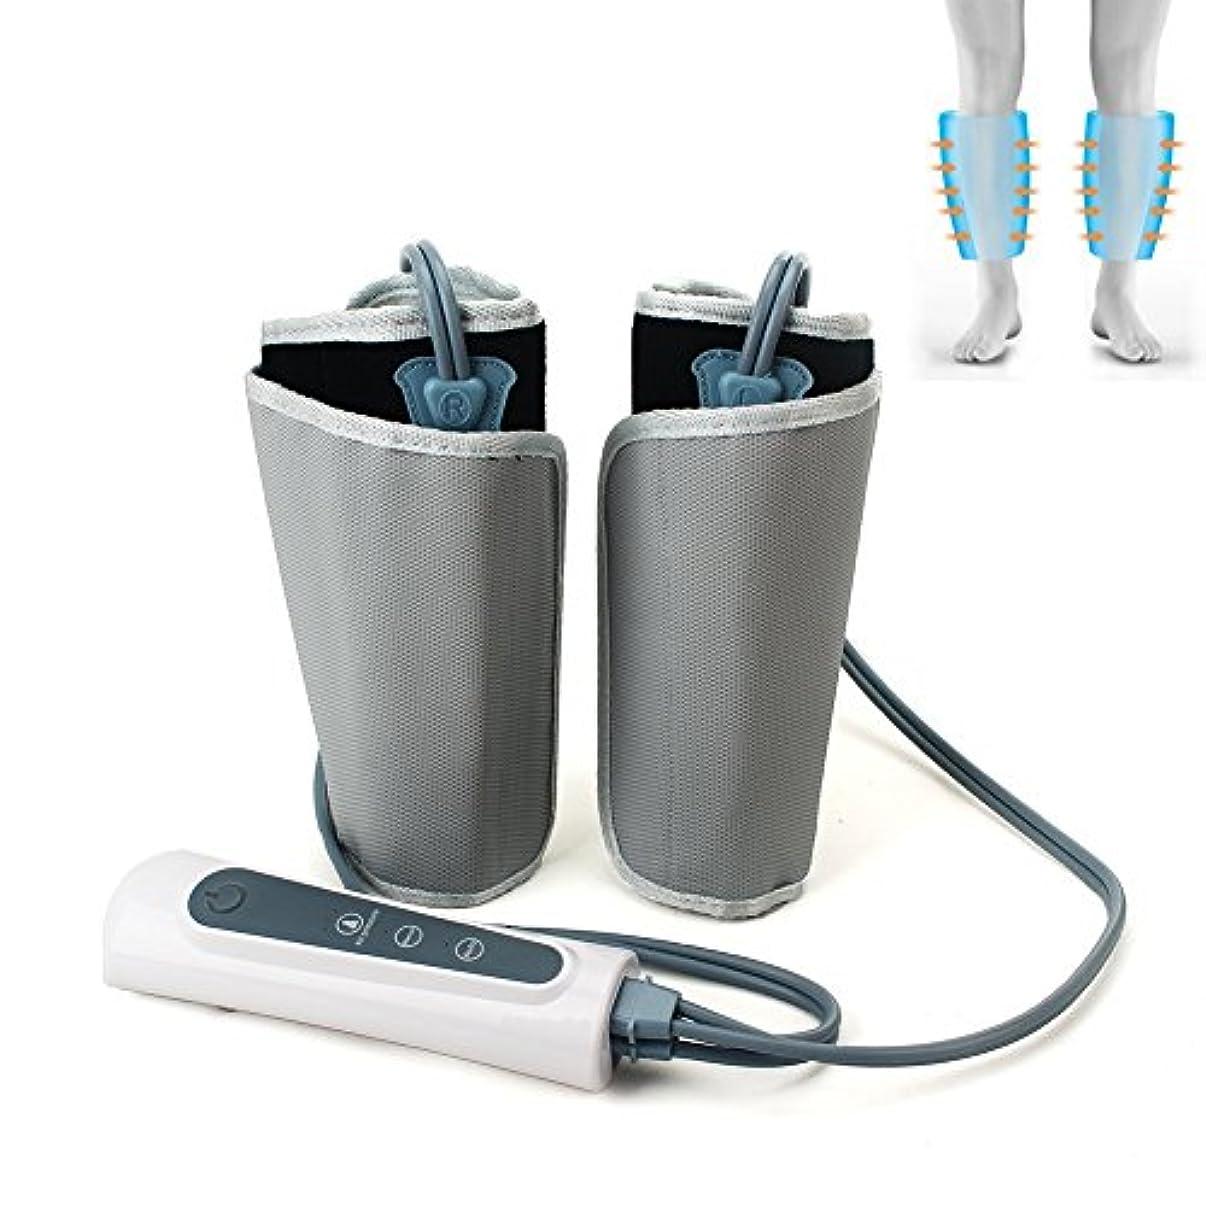 アルネ吸収剤オリエントRanBow エアーマッサージャ 3D 四肢 腰 二の腕 腕 太もも レッグ ふくらはぎ 脚 フット 気圧 エア あんま 自動モード 手動モード 3階段のレベル 家庭用 充電式 人気 器具 マッサージ 機 器 マッサージャー 黒